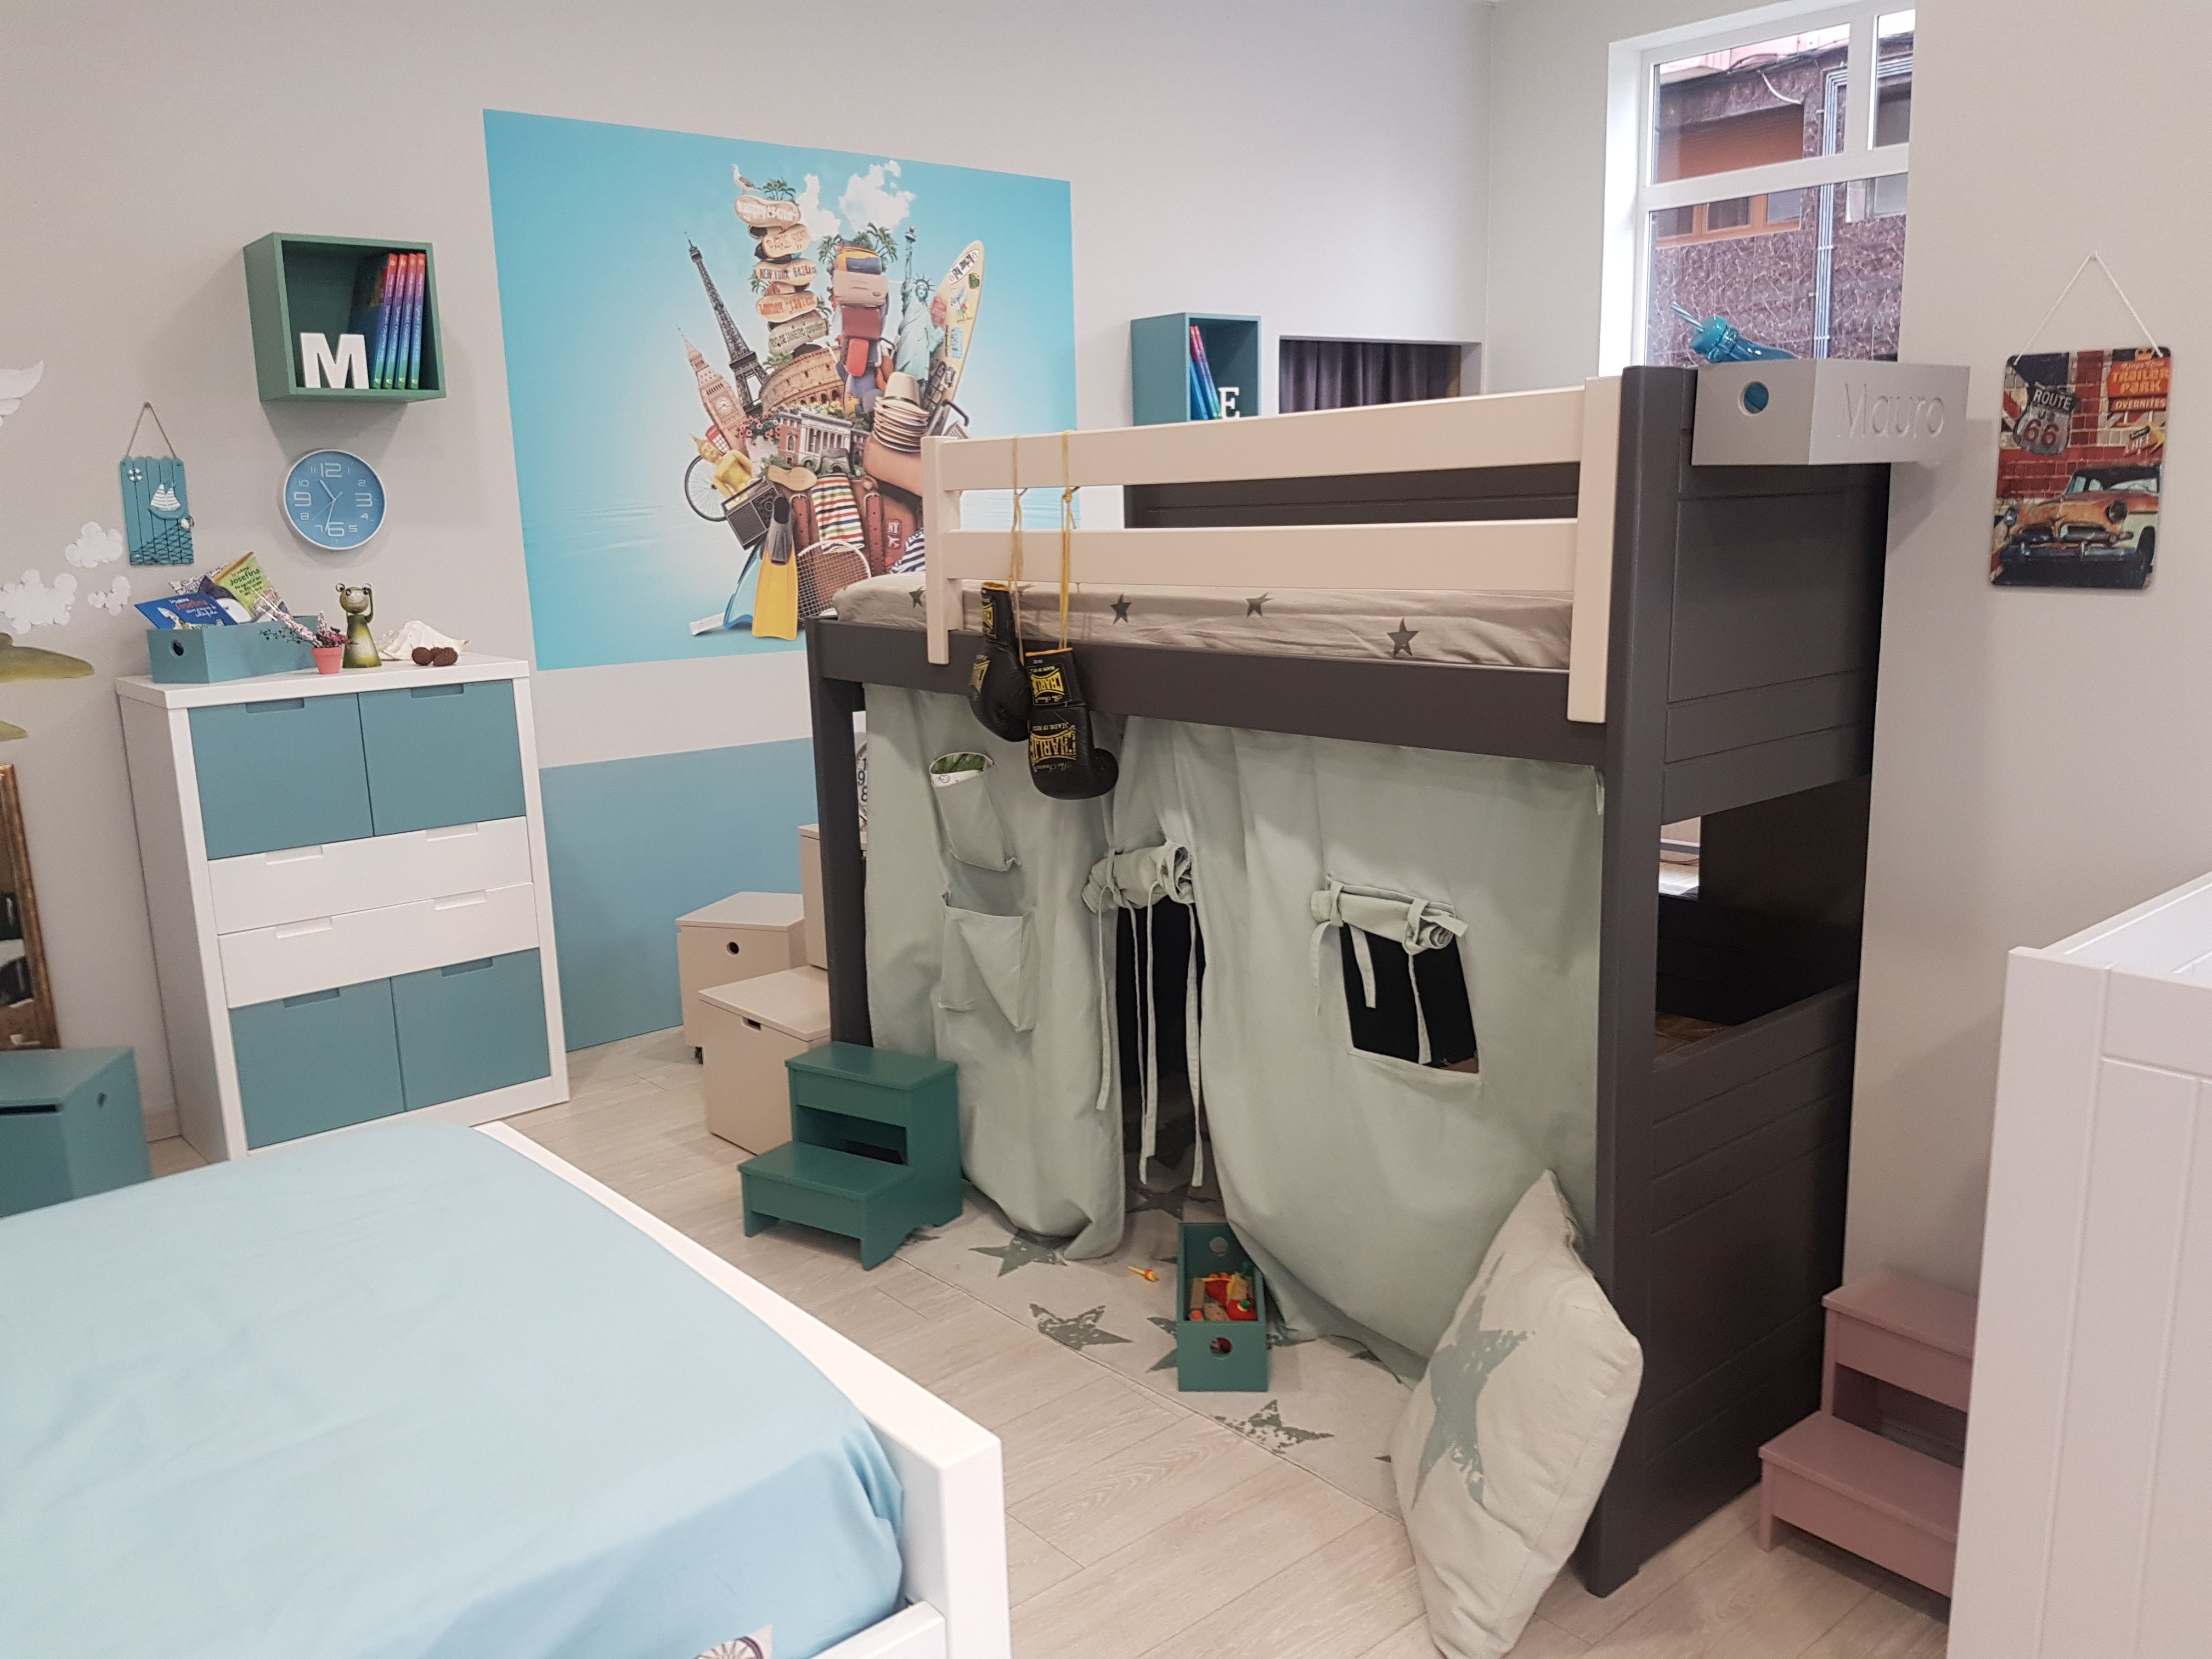 Tienda de muebles infantiles y juveniles en Gijón